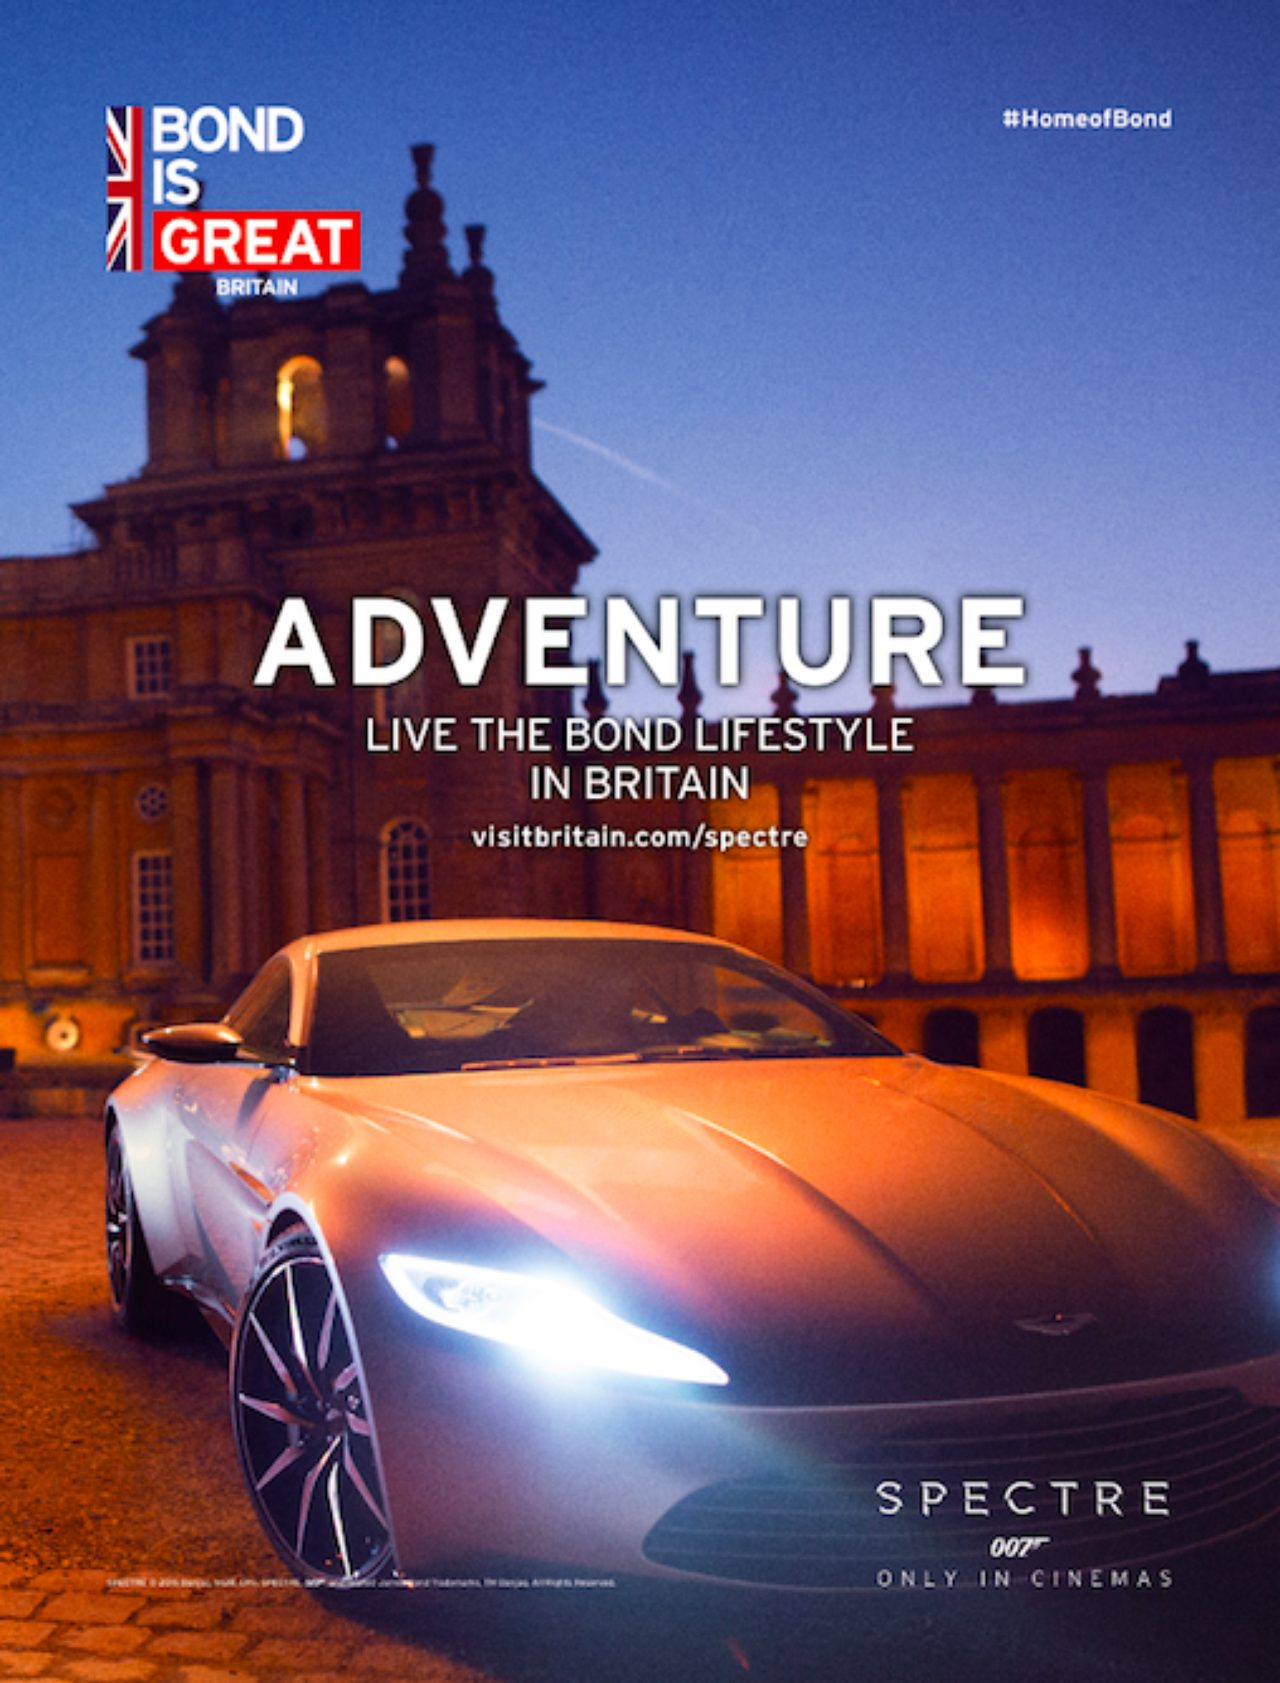 画像1: キャンペーン専用ページ VisitBritain.com/spectre で『007 スペクター』の舞台裏の映像を紹介し、さらに「Bond is GREAT」の画像も新たに公開!